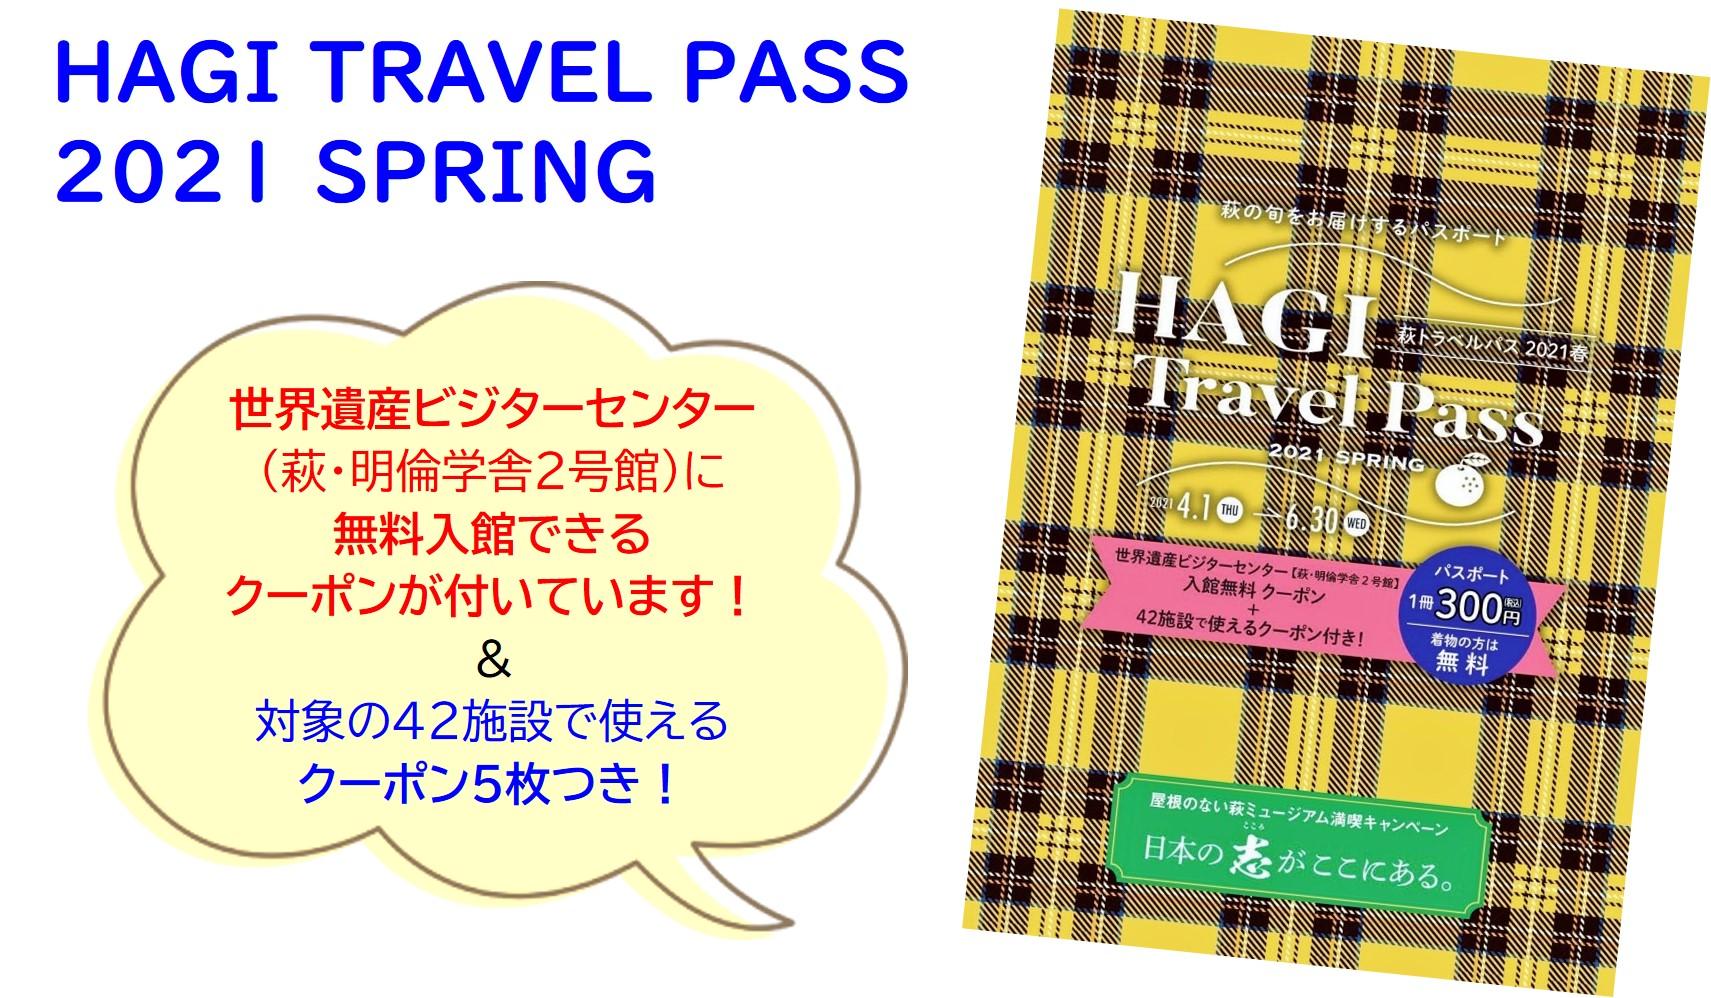 画像:お得なまち歩きクーポン「HAGI TRAVEL PASS 2021 SPRING」